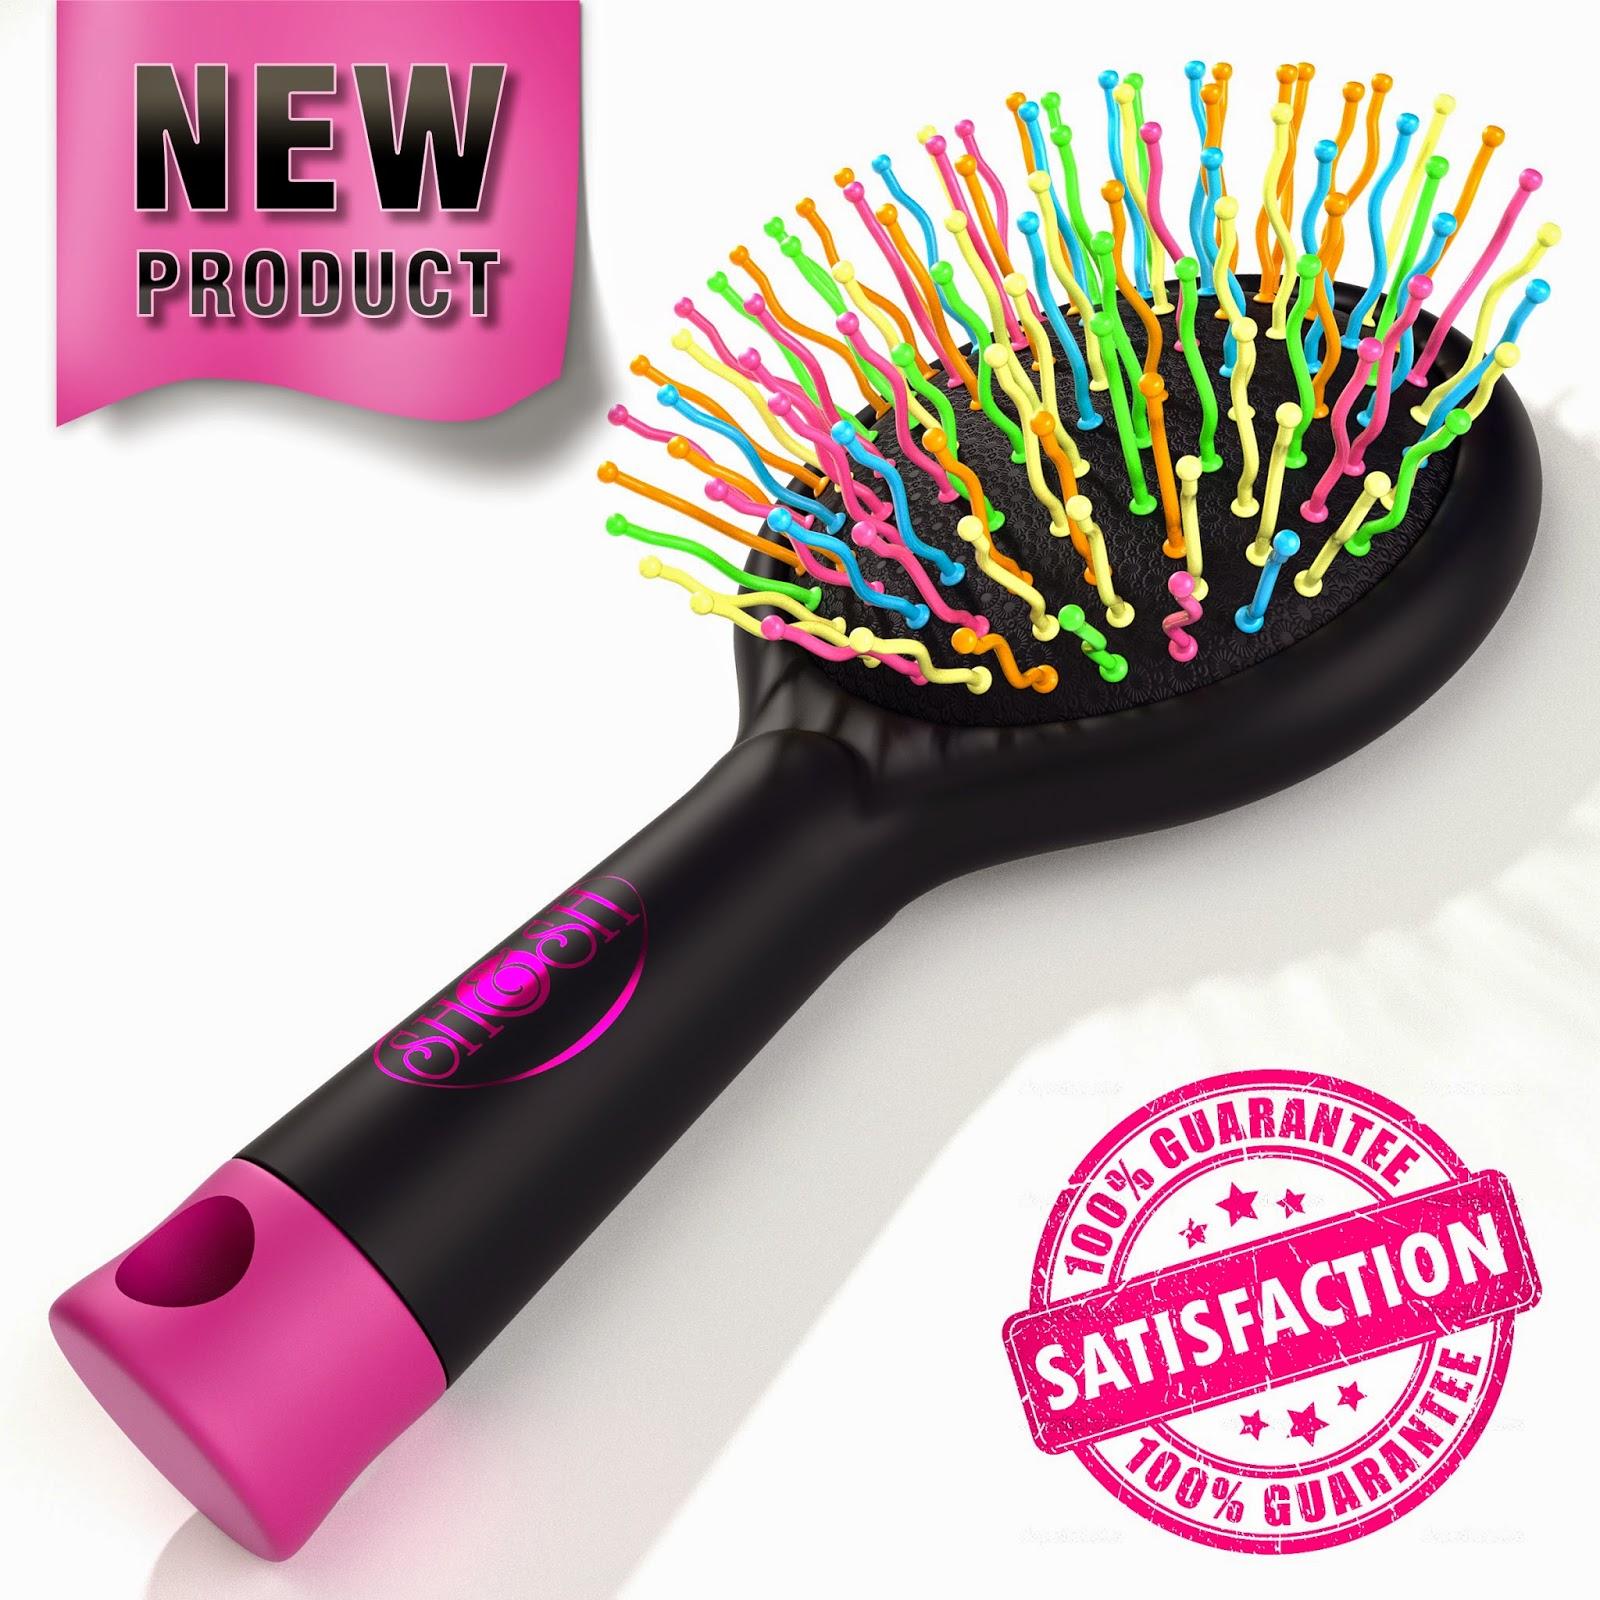 #SHSH Hair Brush